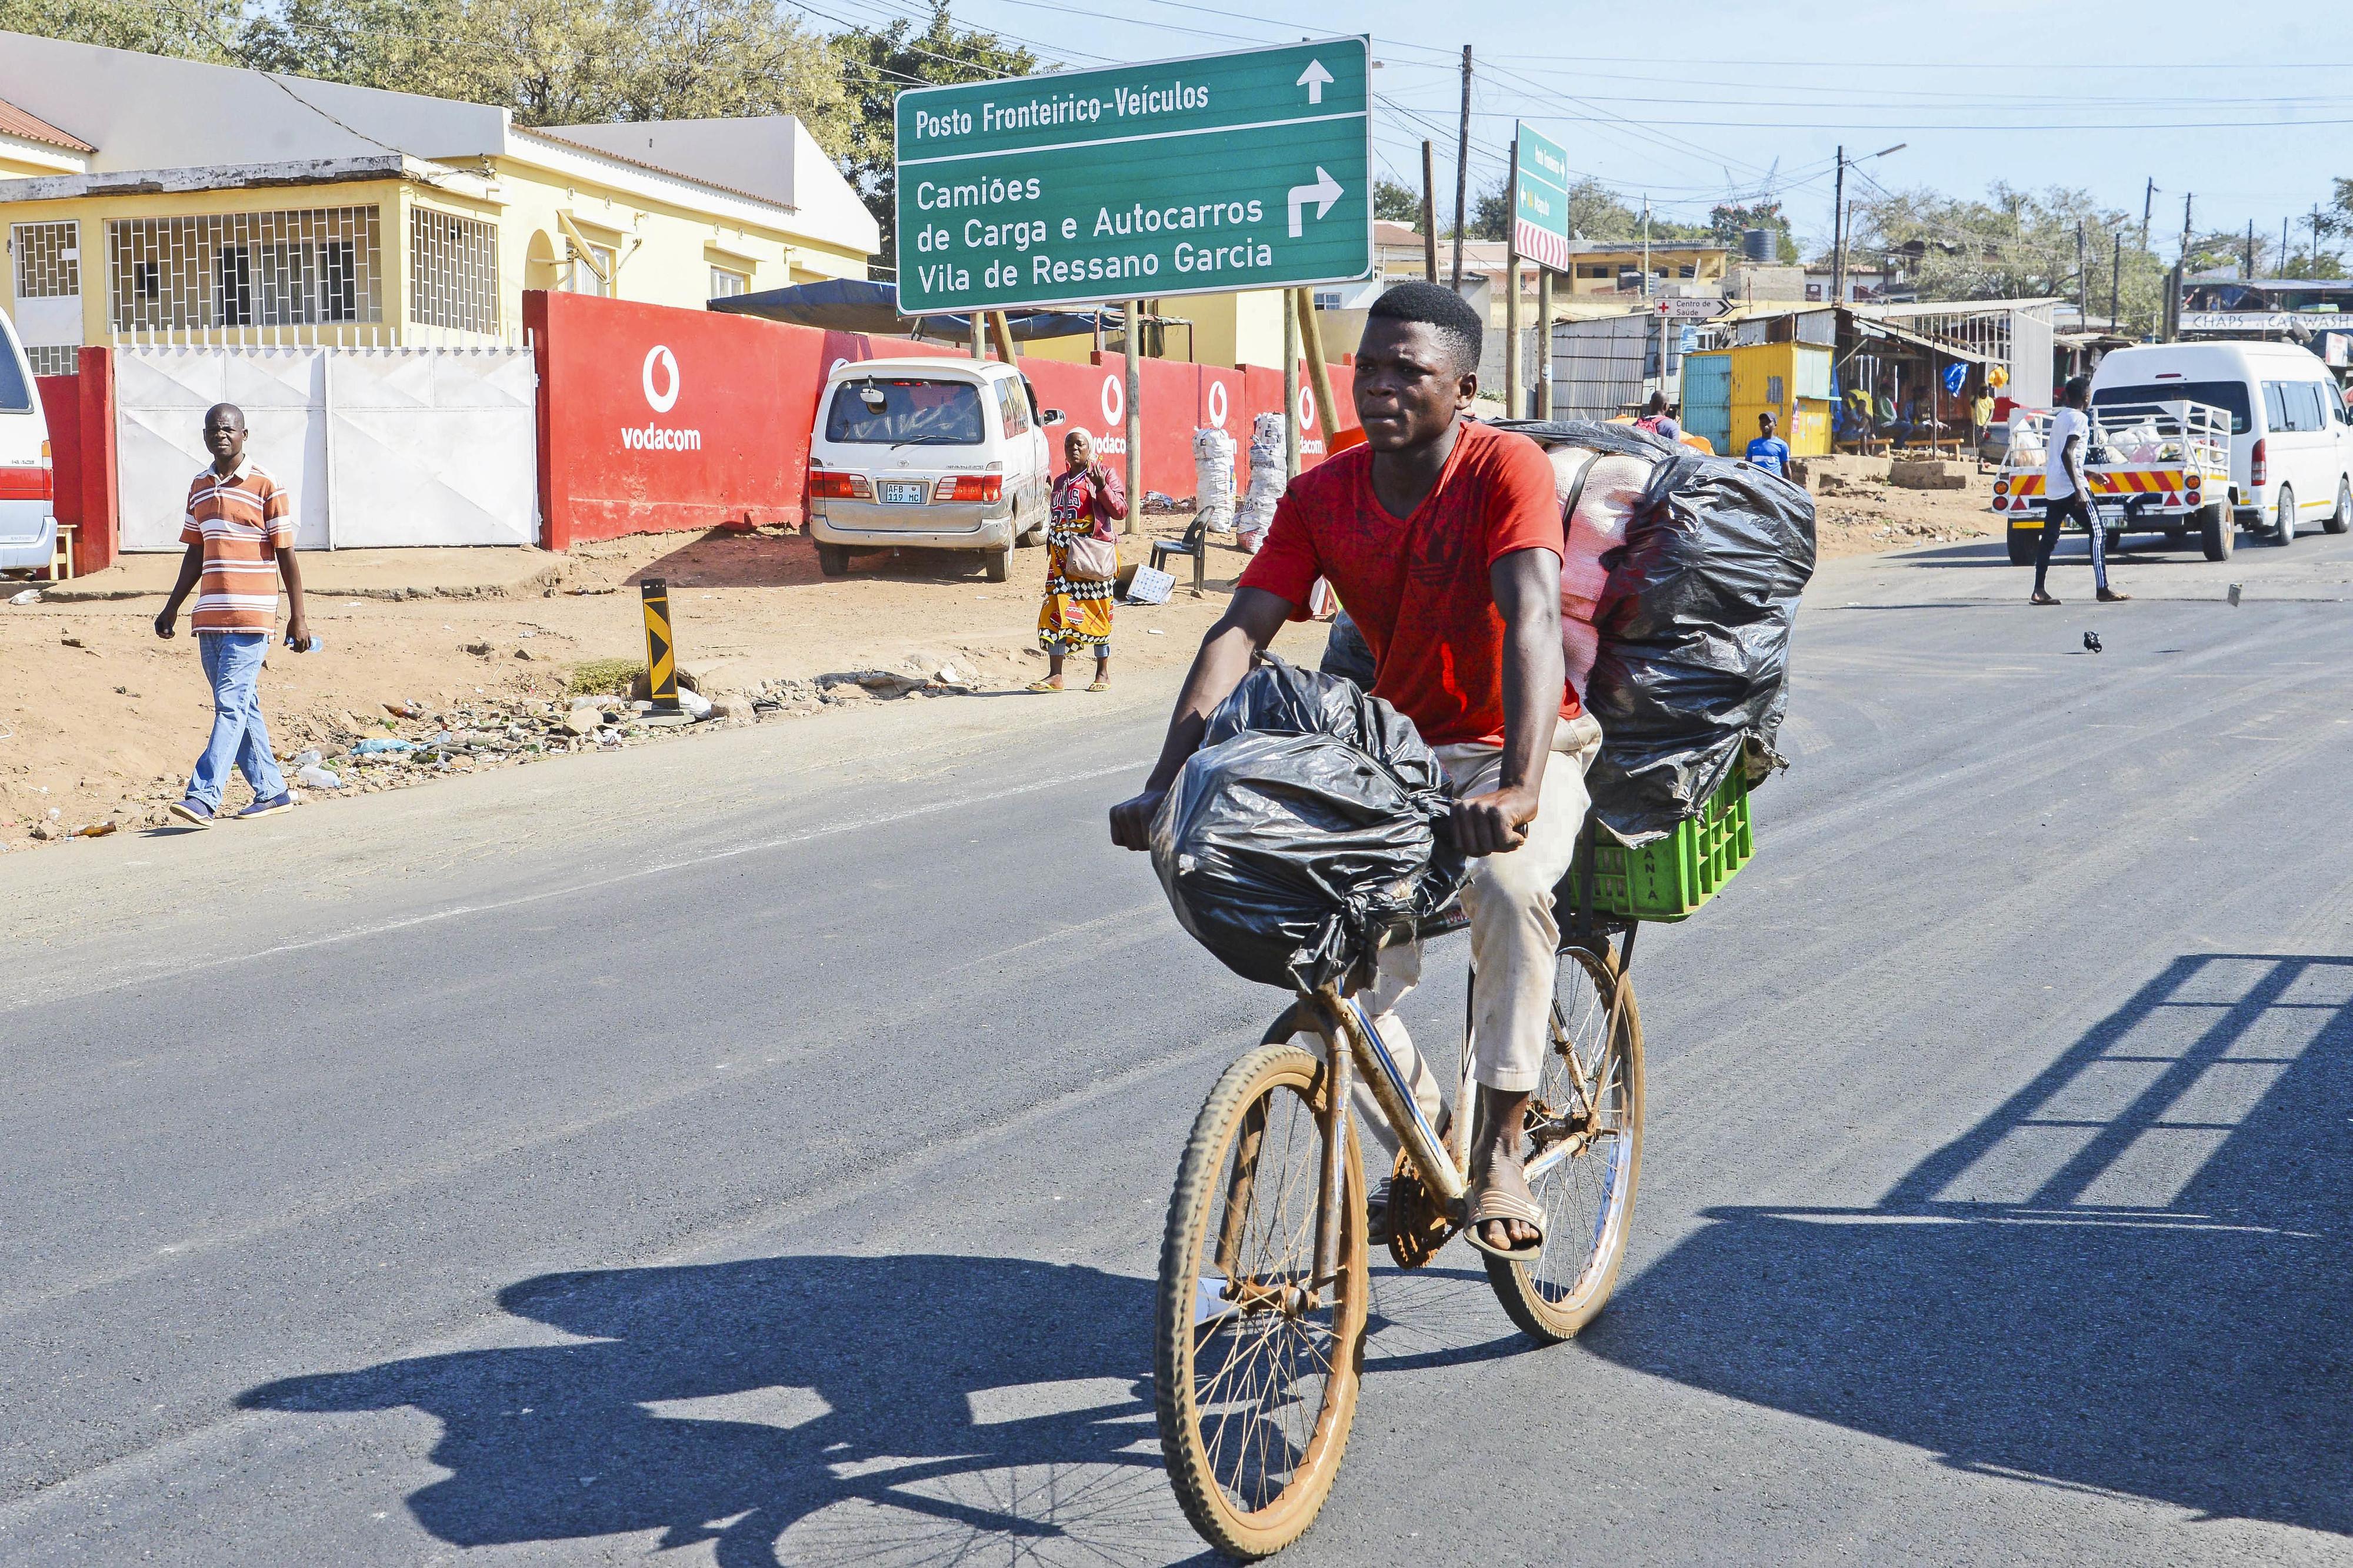 Novo porto seco em Ressano Garcia para descongestionar estrada que liga Moçambique e África do Sul